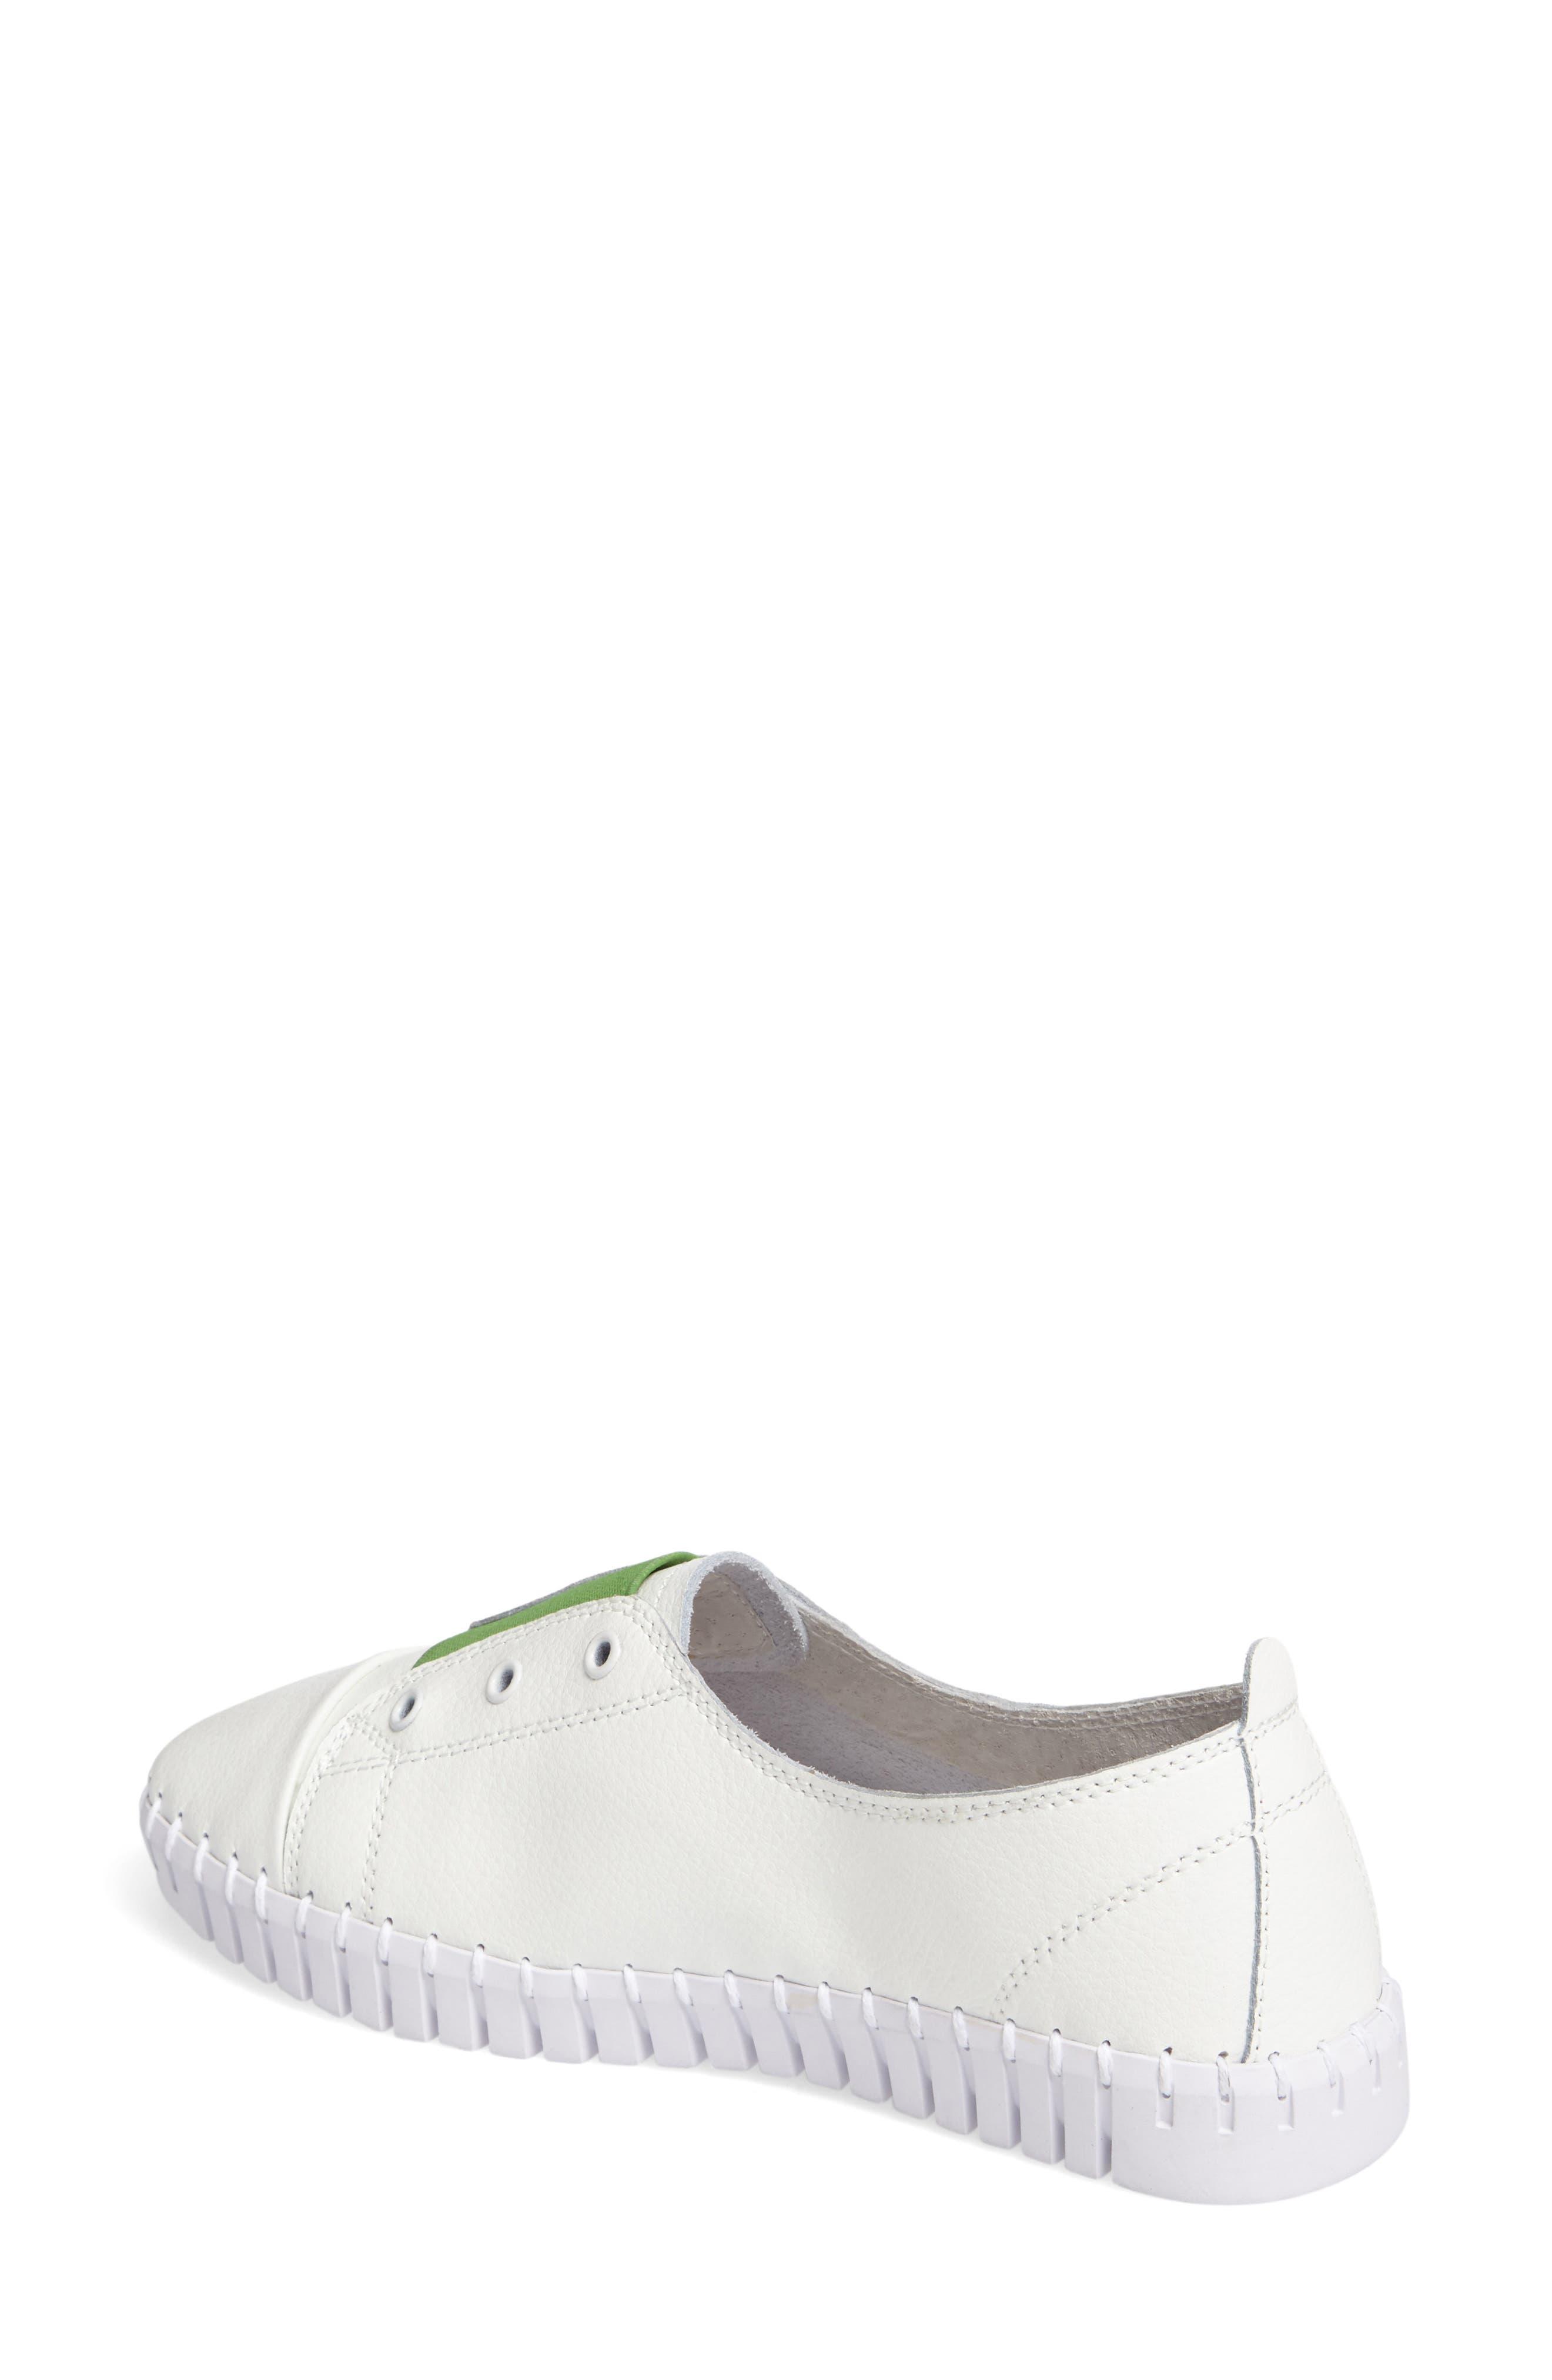 TW65 Slip-On Sneaker,                             Alternate thumbnail 2, color,                             100